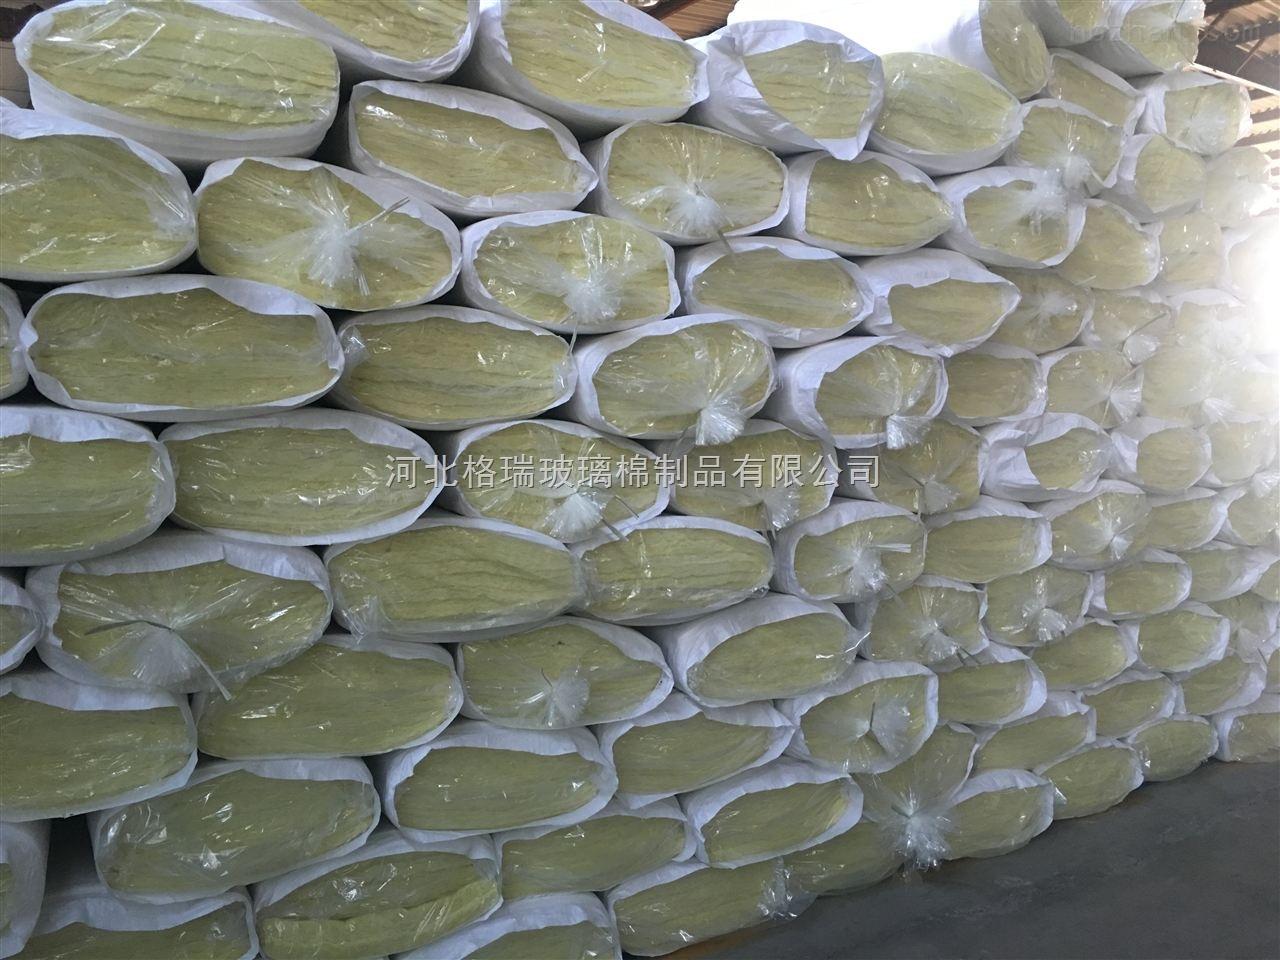 芜湖现货销售青岛16kg/50mm玻璃棉毡50mm管道玻璃棉保温管